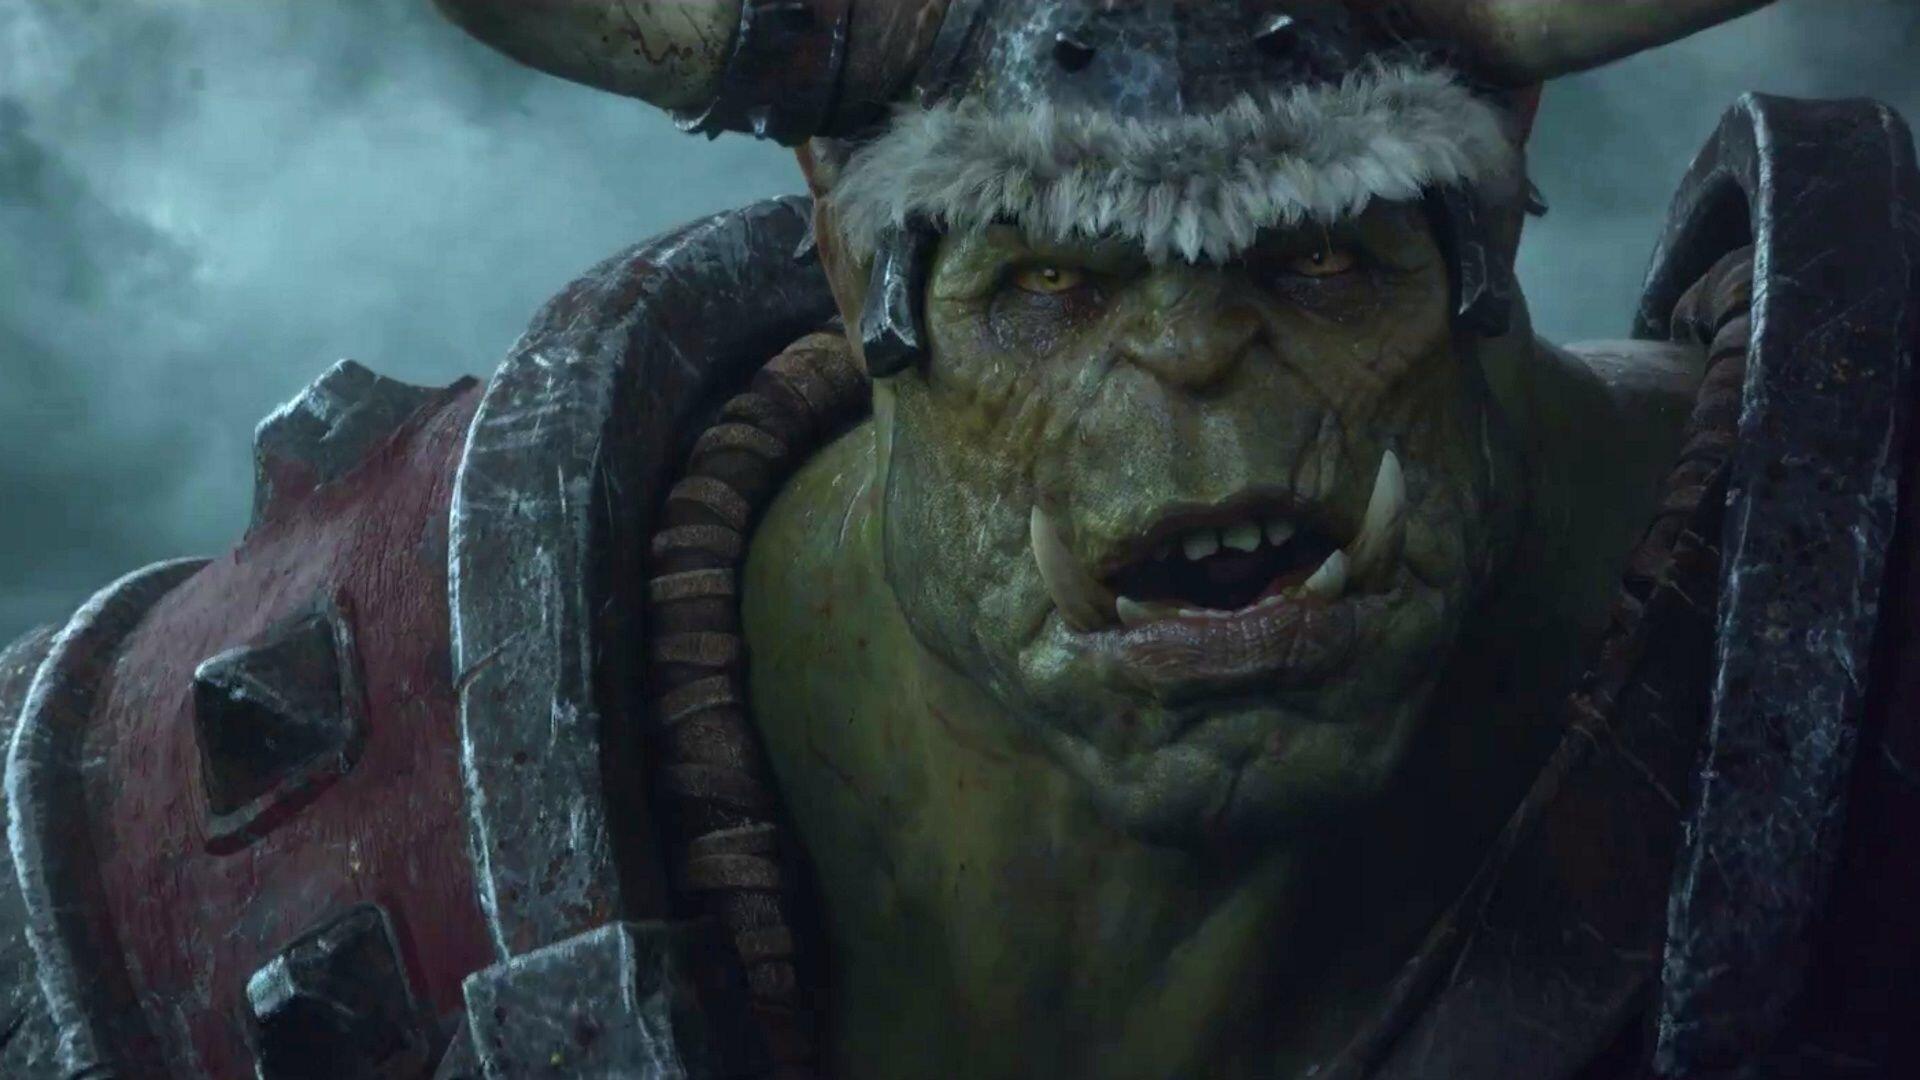 Warcraft 3 Diremastered Total, Ini 6 Info Keren yang Bikin Ngebet Main